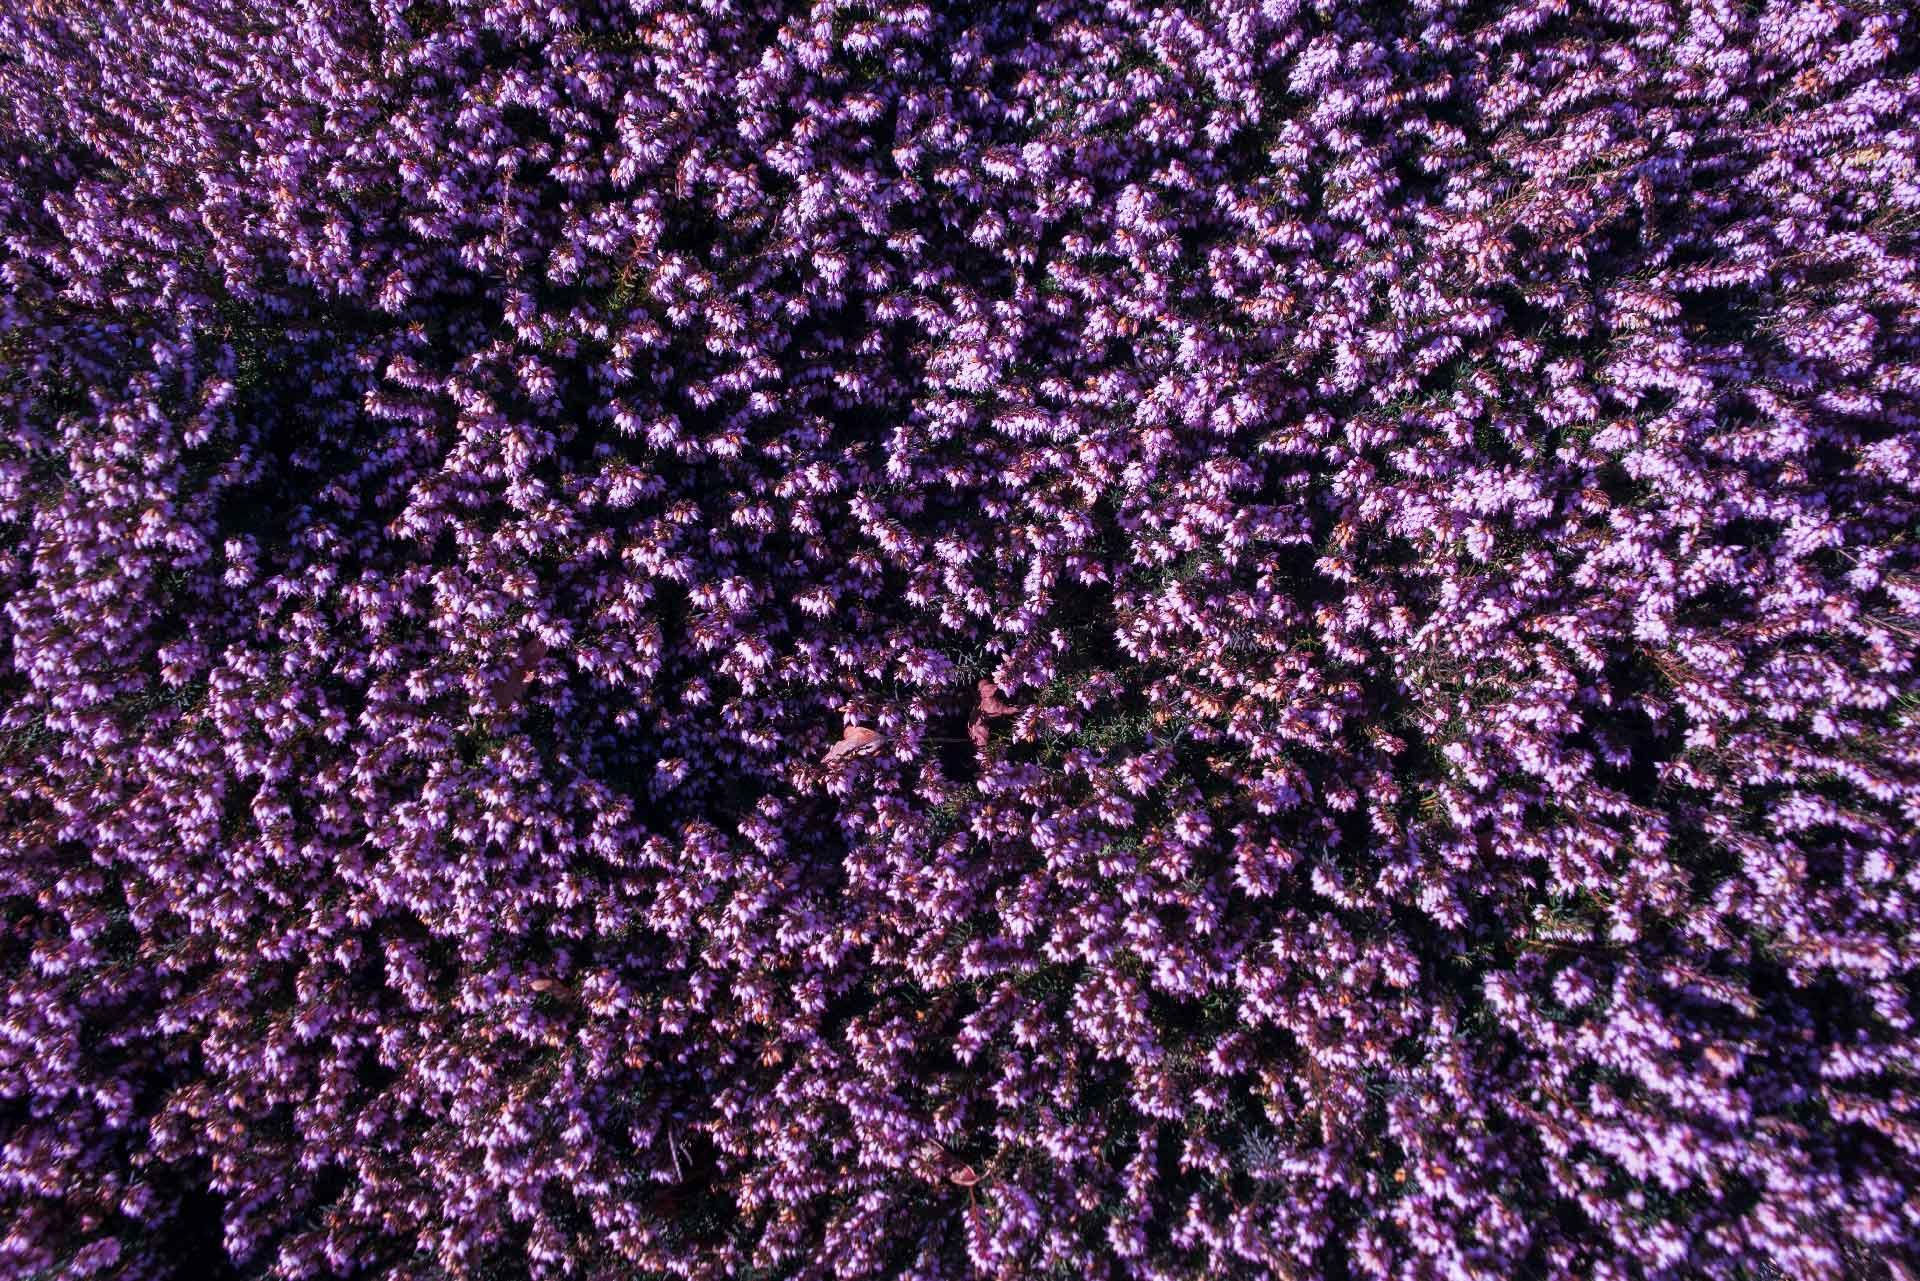 Flowers in Elizabeth Park